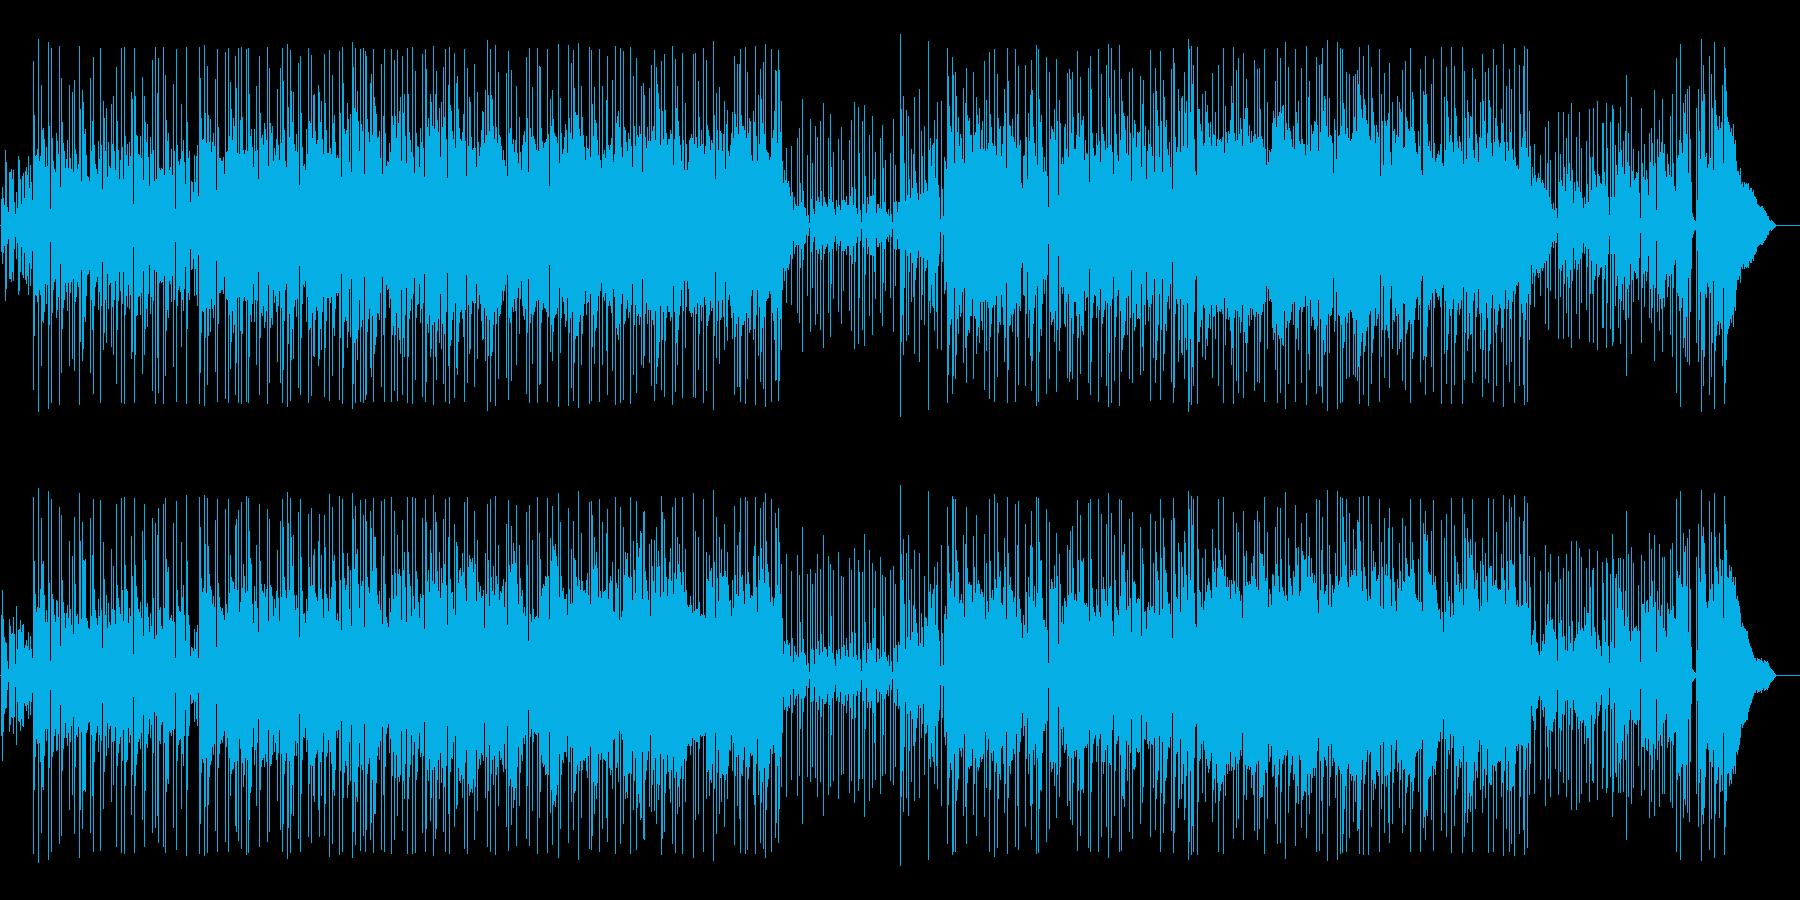 ちょっとブルージーなロック・フュージョンの再生済みの波形